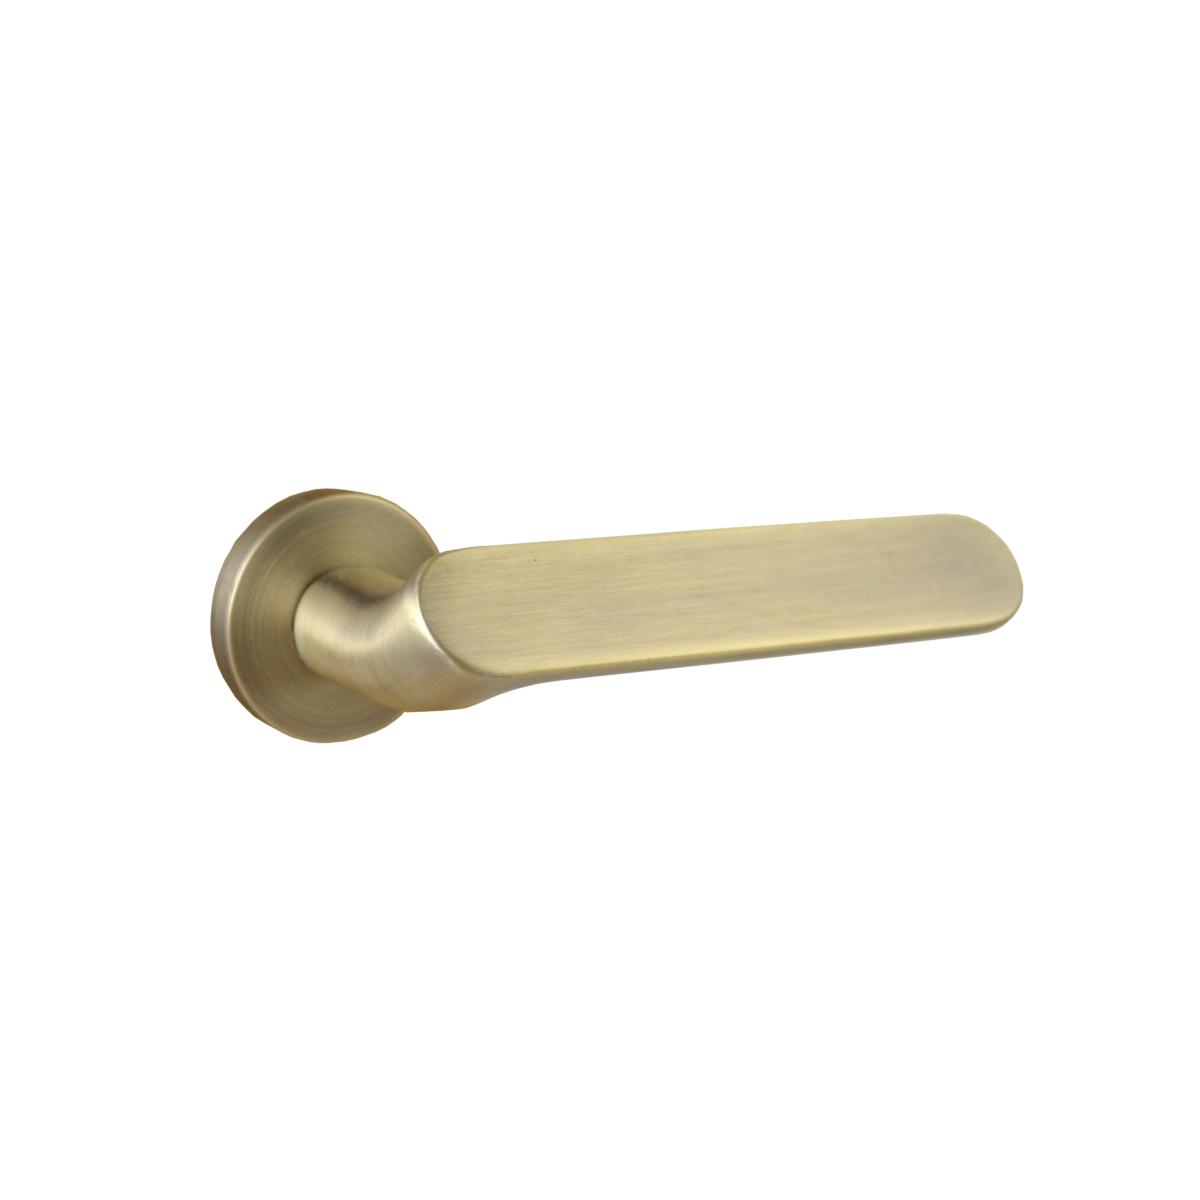 Cinka Internal Privacy Door Handle 8211 Brushed Brass In 2020 Door Handles Internal Door Handles Bathroom Interior